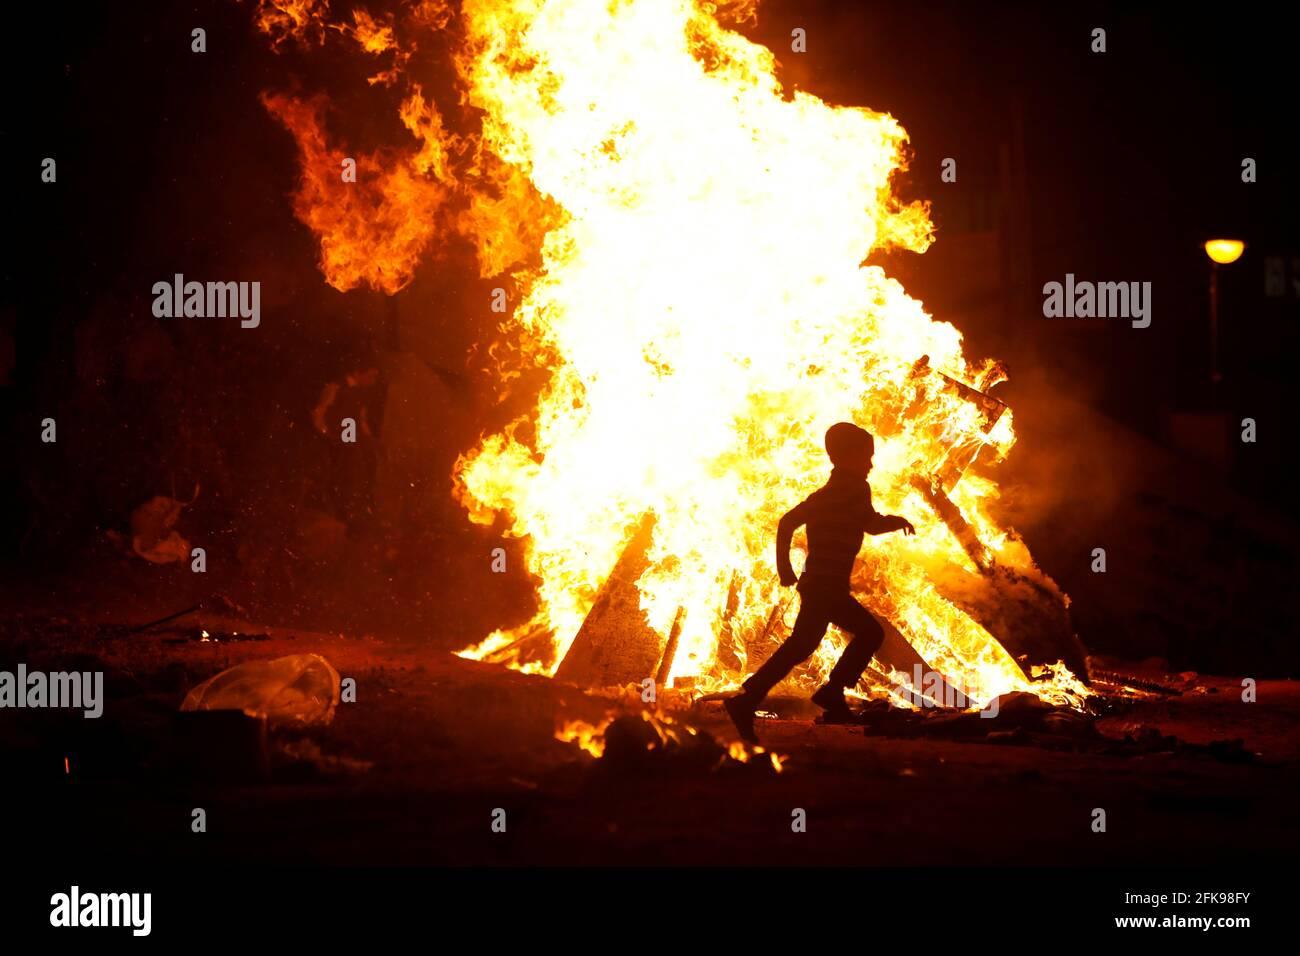 Ein Junge rennt um ein Lagerfeuer, als Ultra-orthodoxe Juden den jüdischen Feiertag von lag Ba'Omer in Bnei Brak, nahe Tel Aviv, Israel, am 29. April 2021, markieren. REUTERS/NIR Elias Stockfoto